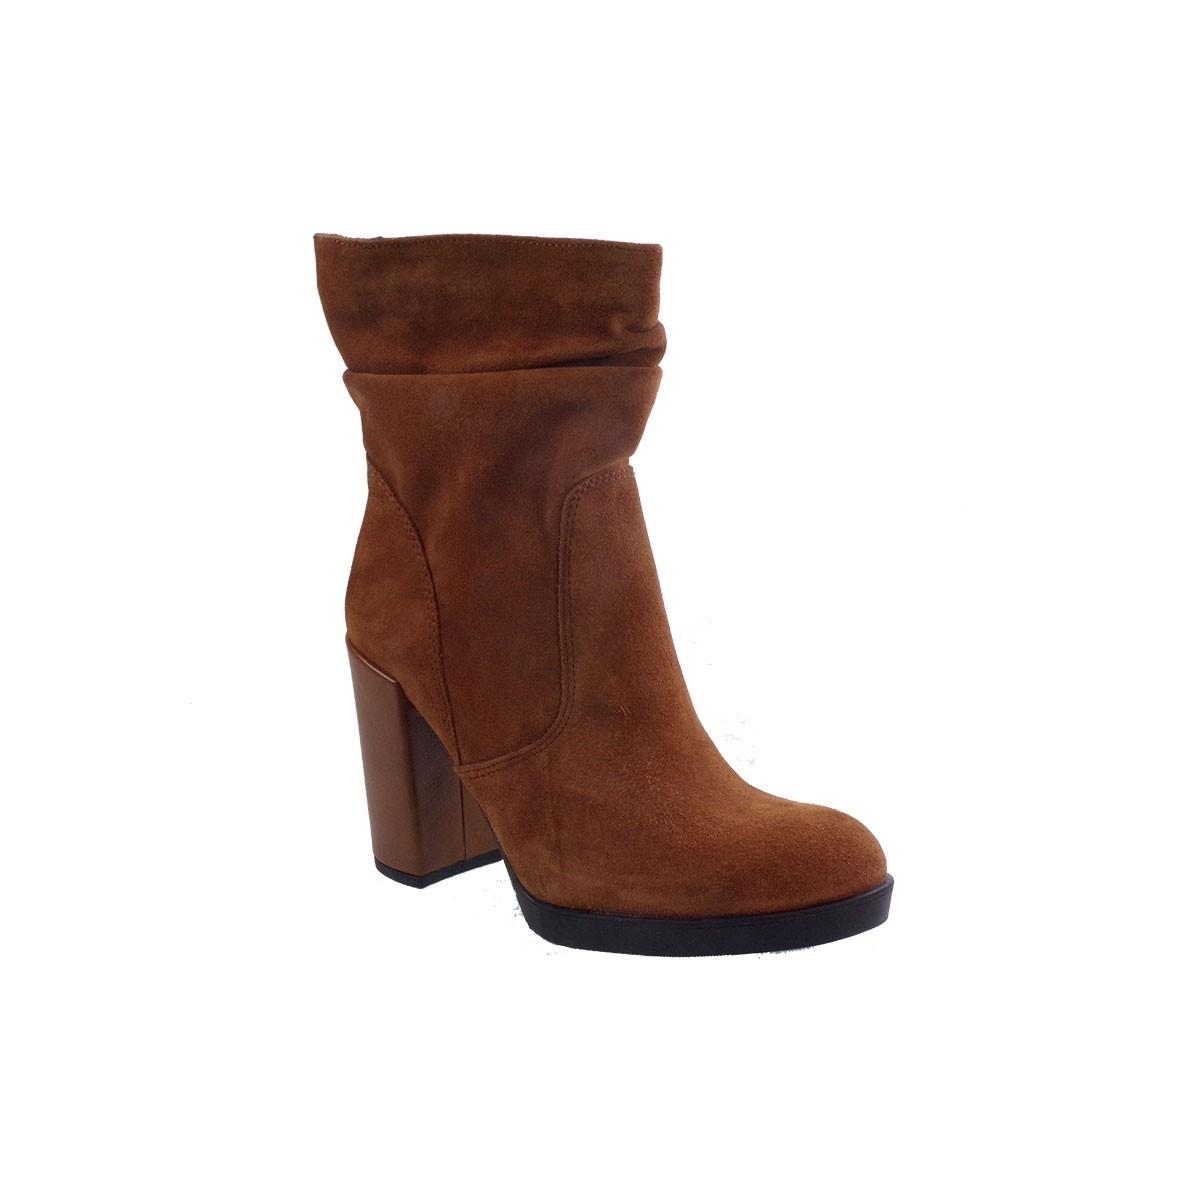 Envie Shoes Γυναικεία Μποτάκια E02-08902 Ταμπά Καστόρι Δέρμα